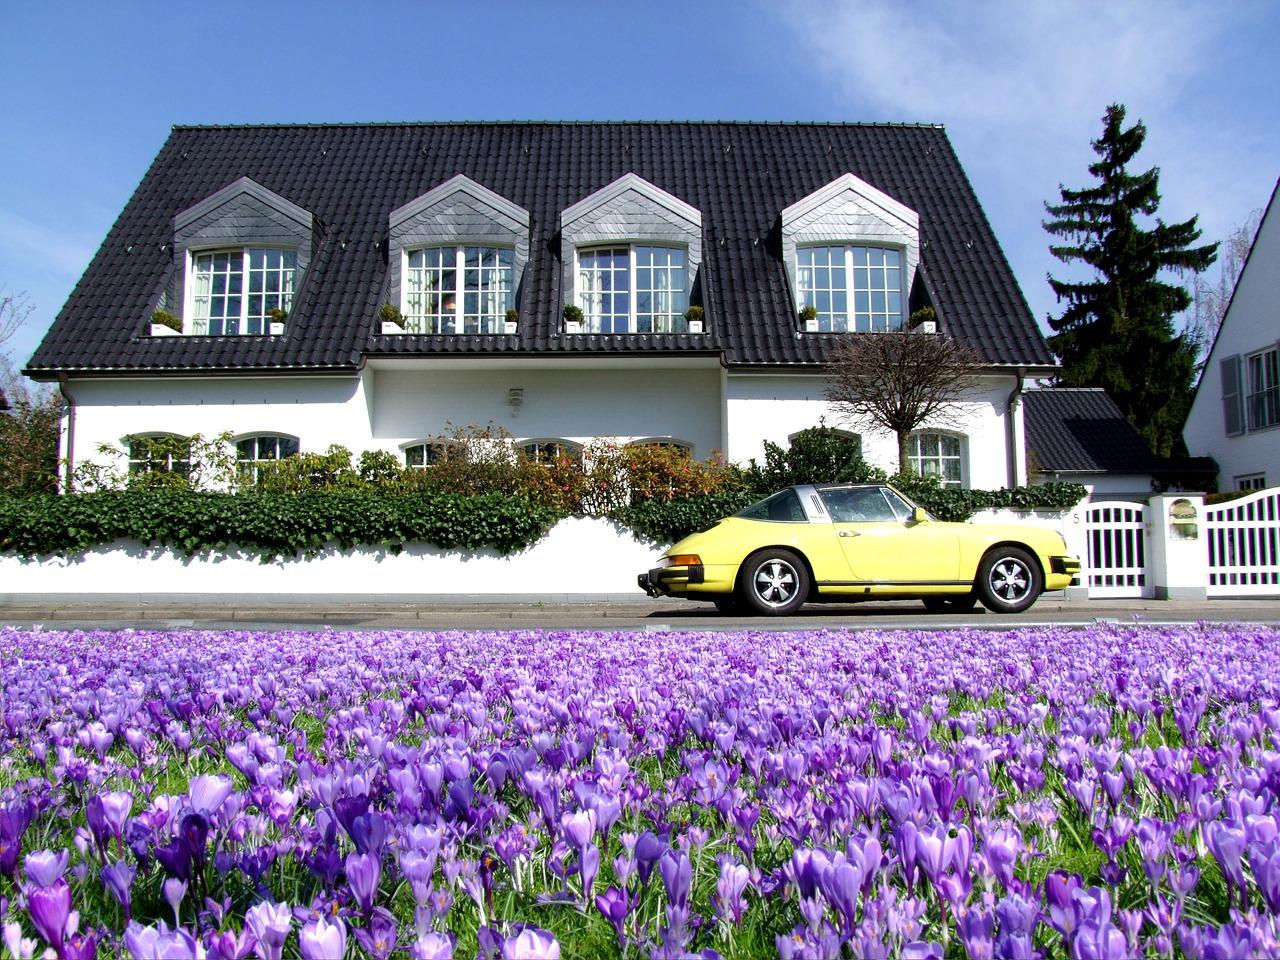 Acconto e caparra per acquisto abitazione: differenze e consulenza notarile